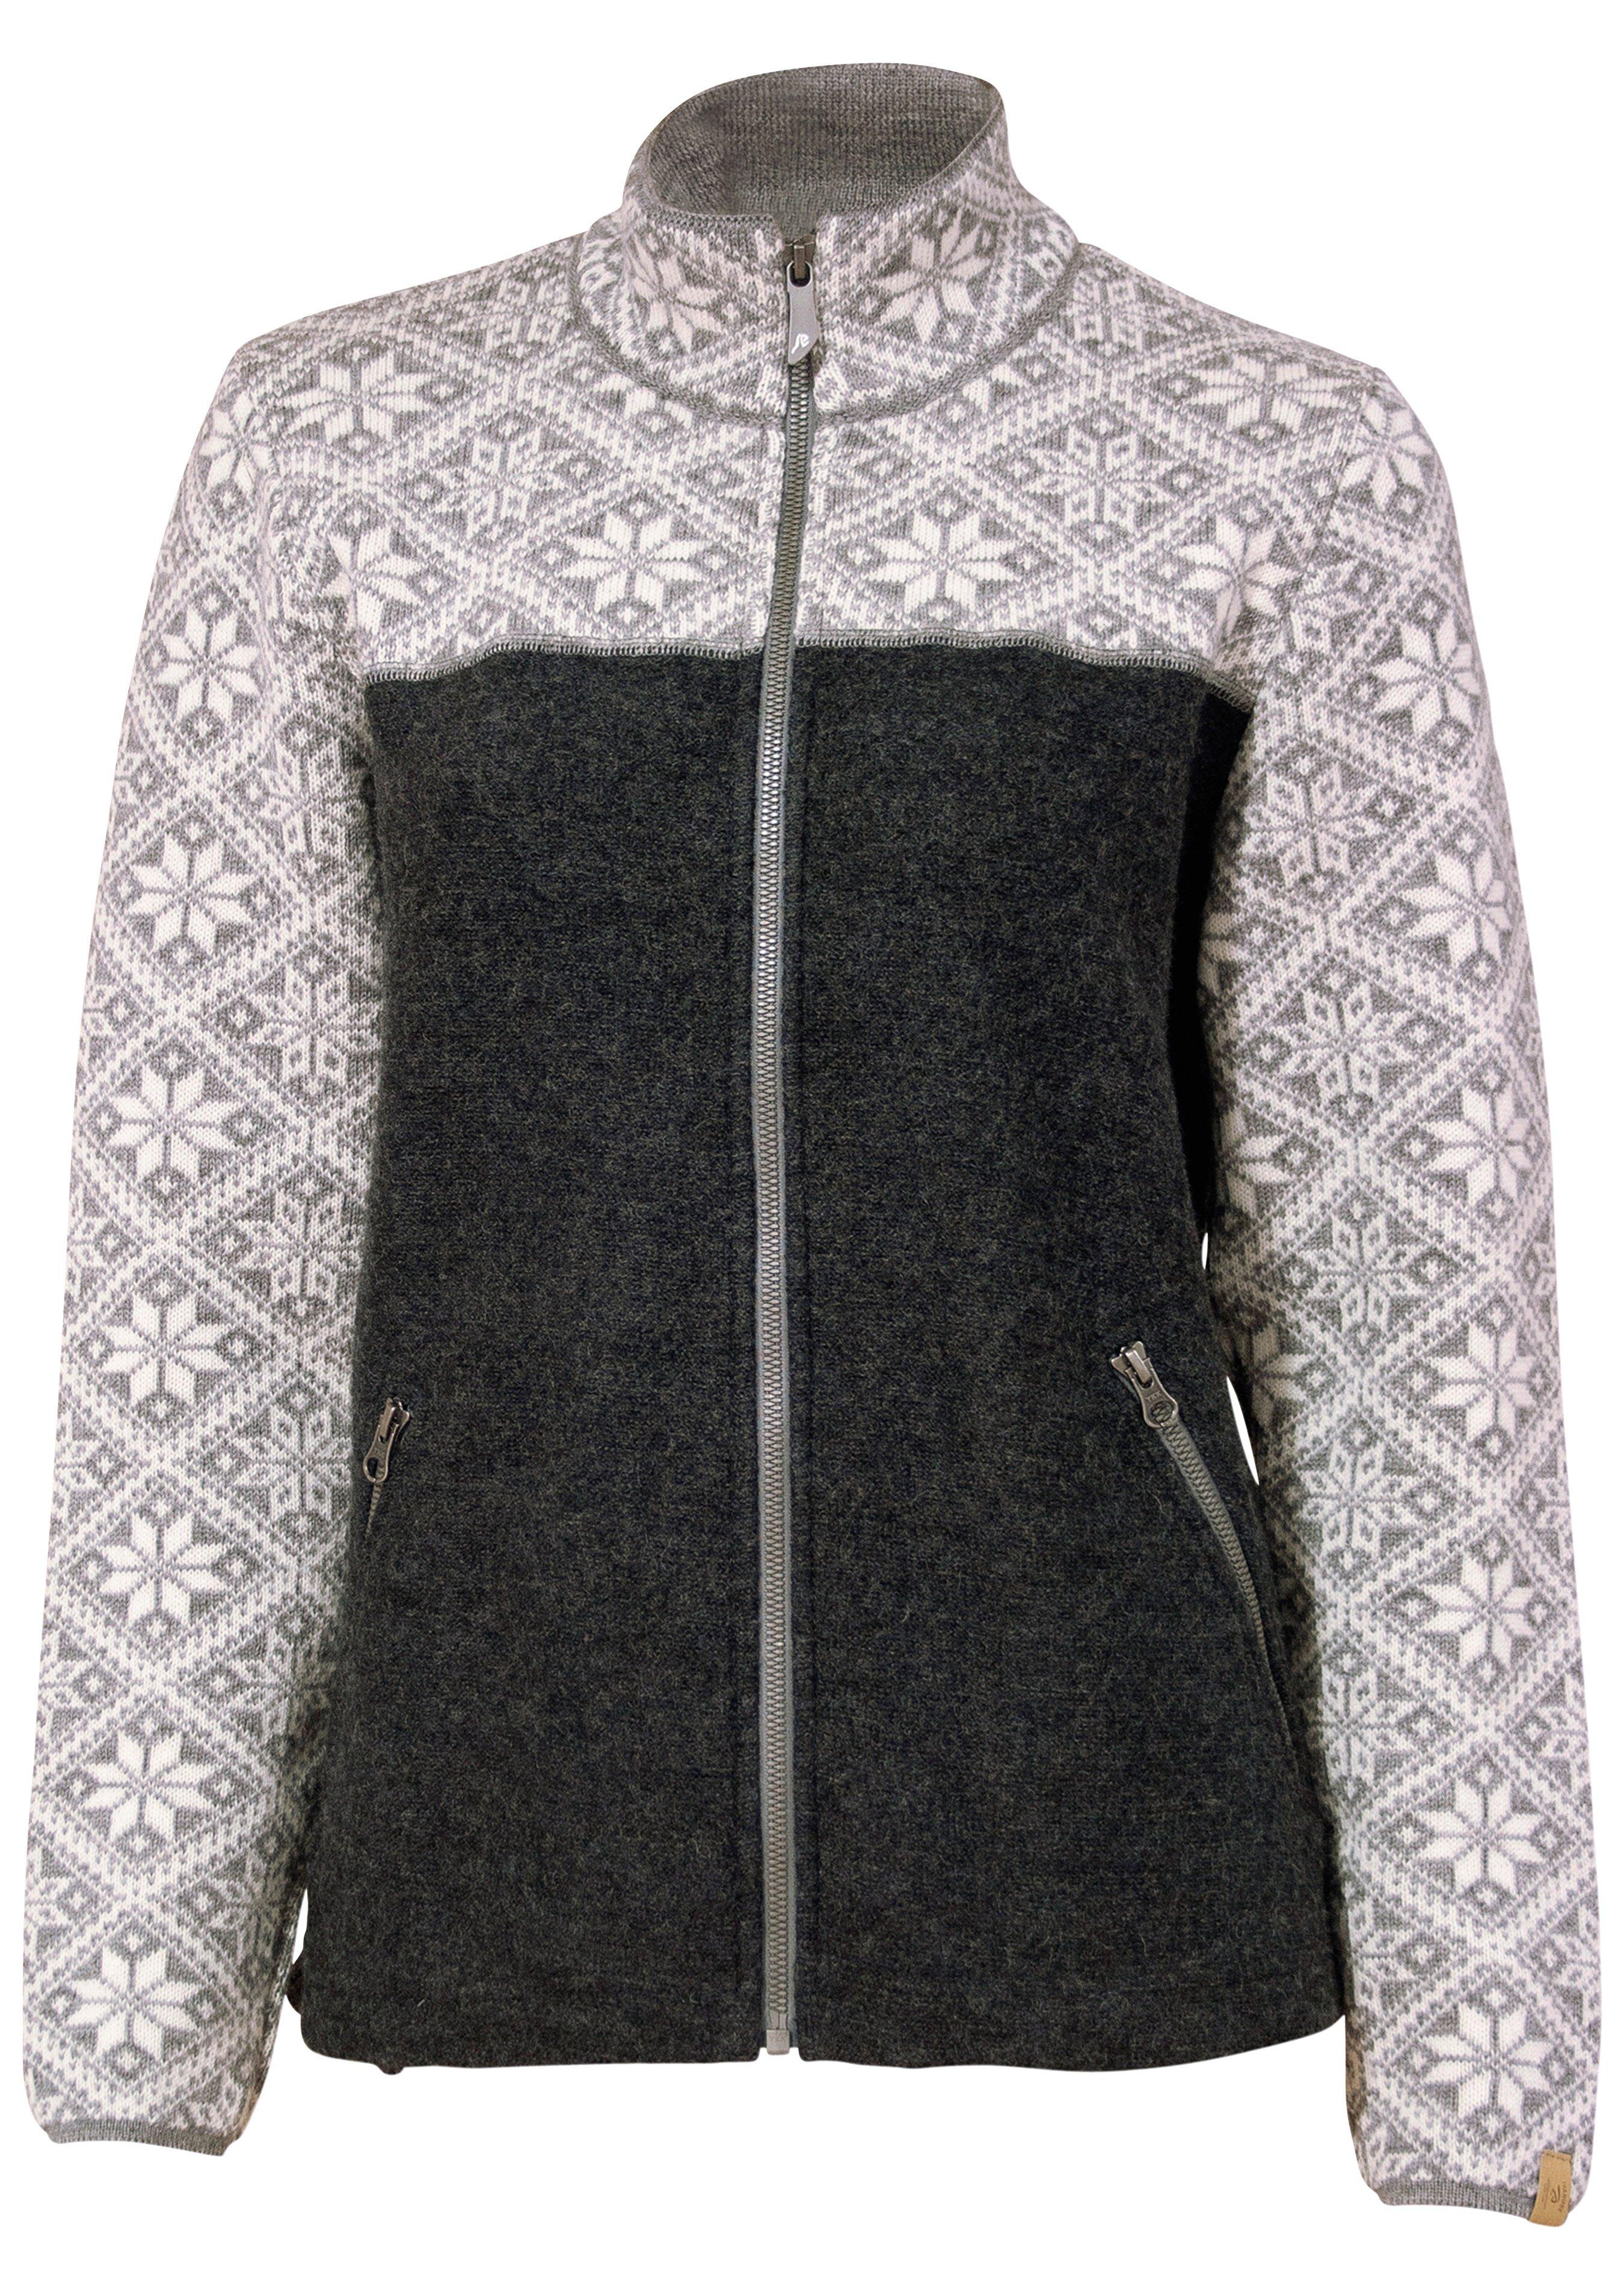 Veste en tricot de laine Ellie 28621246 1